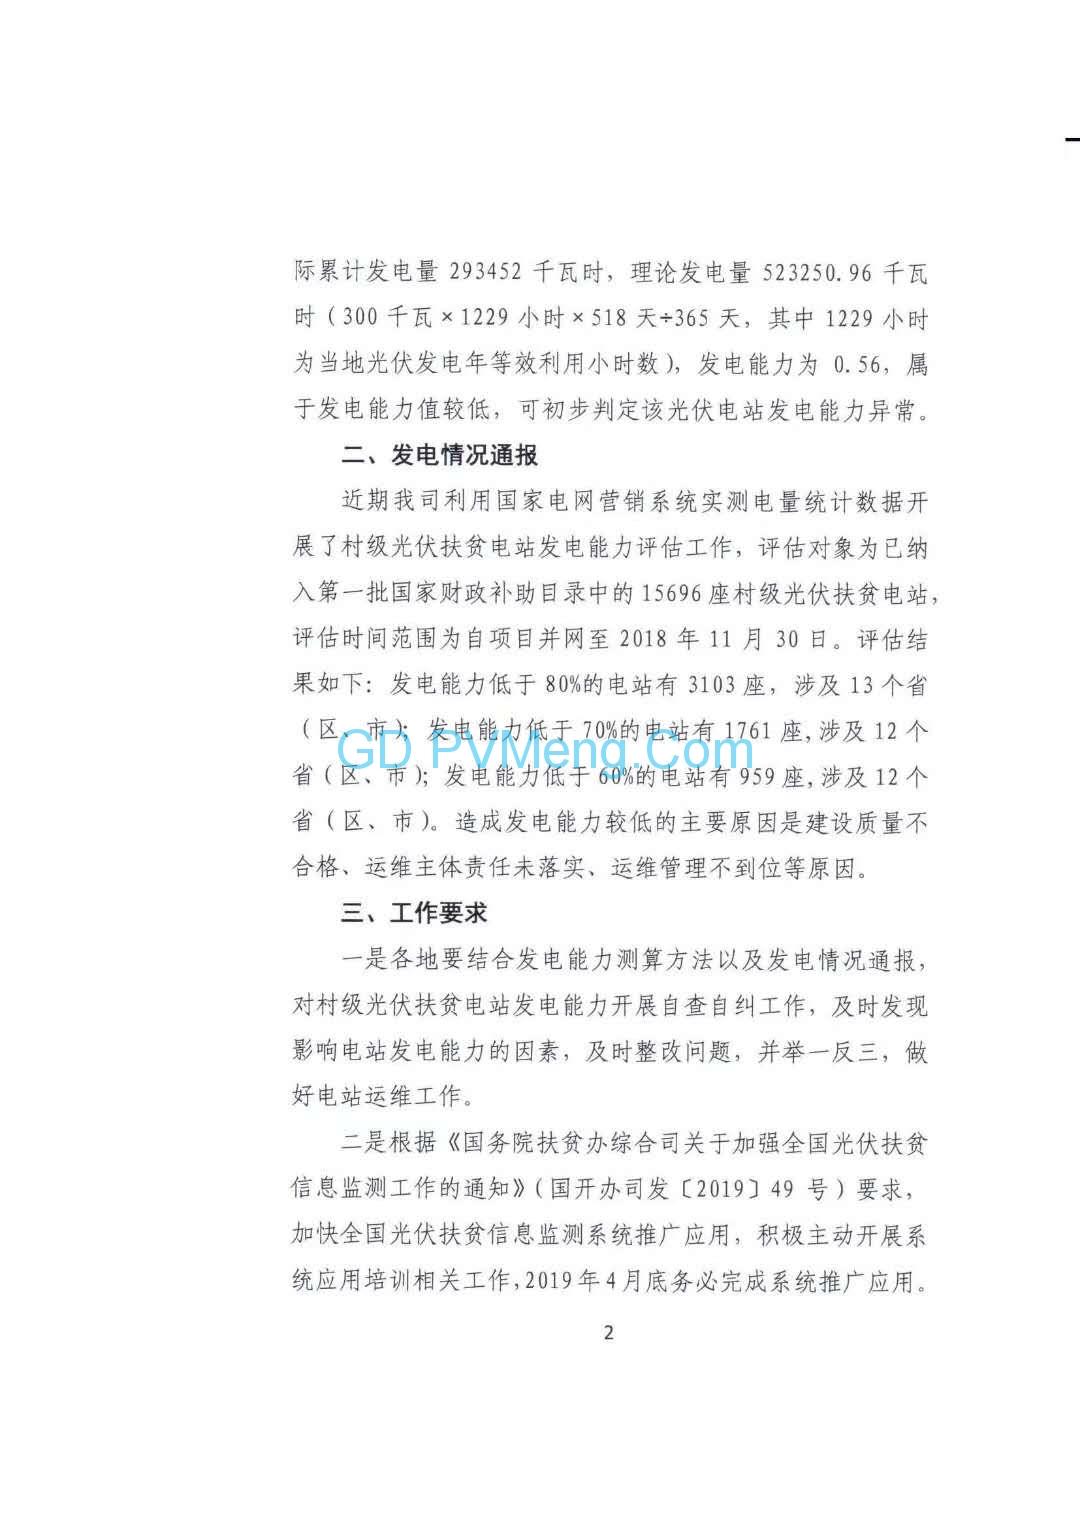 国务院扶贫办开发指导司关于村级光伏扶贫电站发电情况的通报20190401